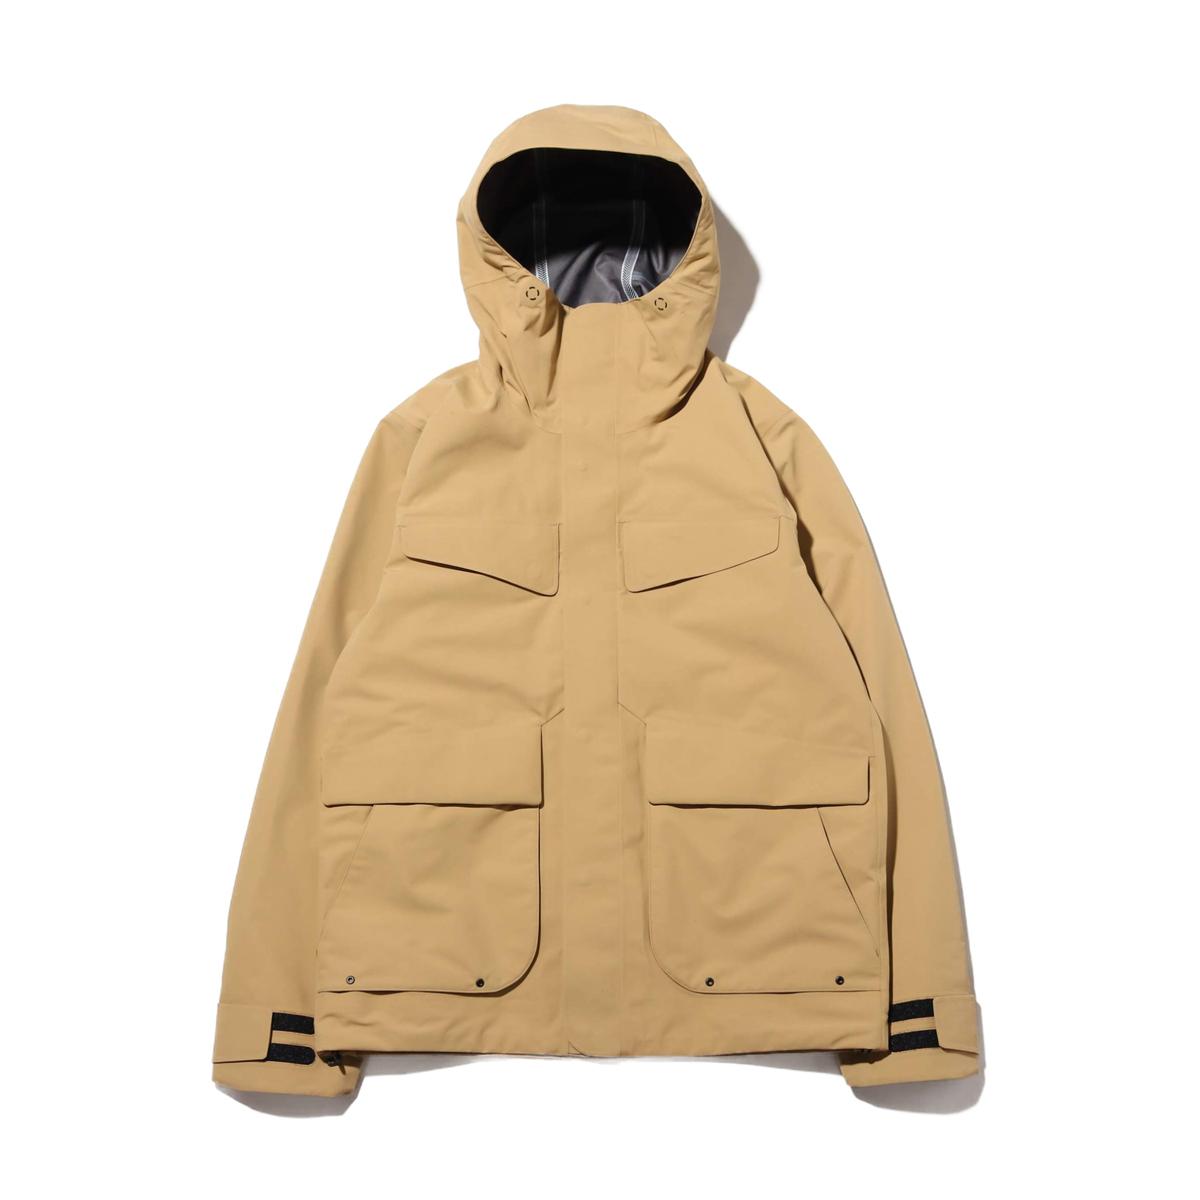 Goldwin GORE-TEX Hooded Mountain Jacket(BEIGE)(ゴールドウィン ゴアテックス フーデッド マウンテンジャケット)【メンズ】【ジャケット】【20SP-I】